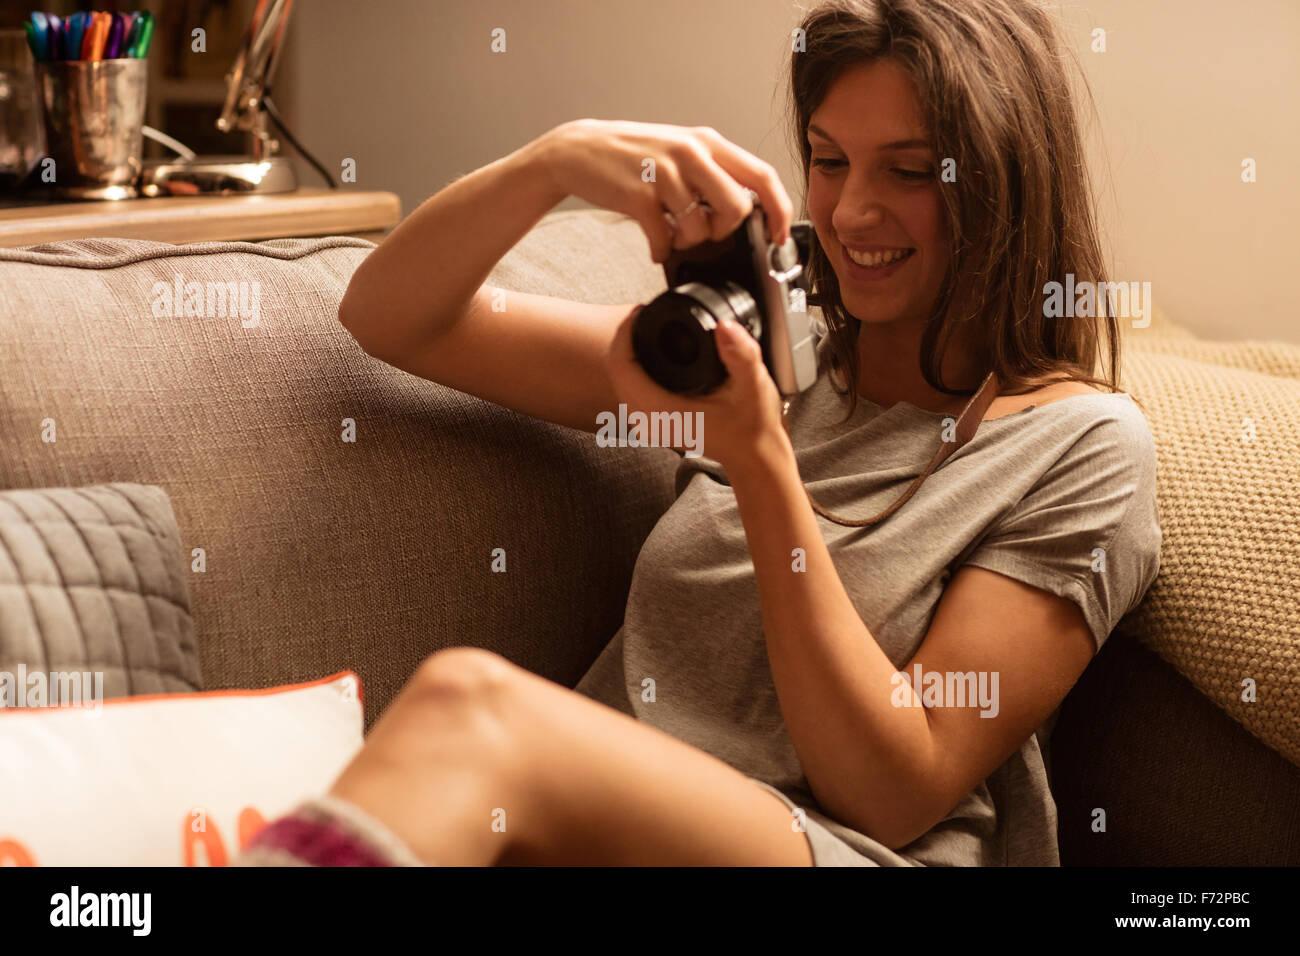 Femme à prendre des photos avec l'appareil photo Photo Stock